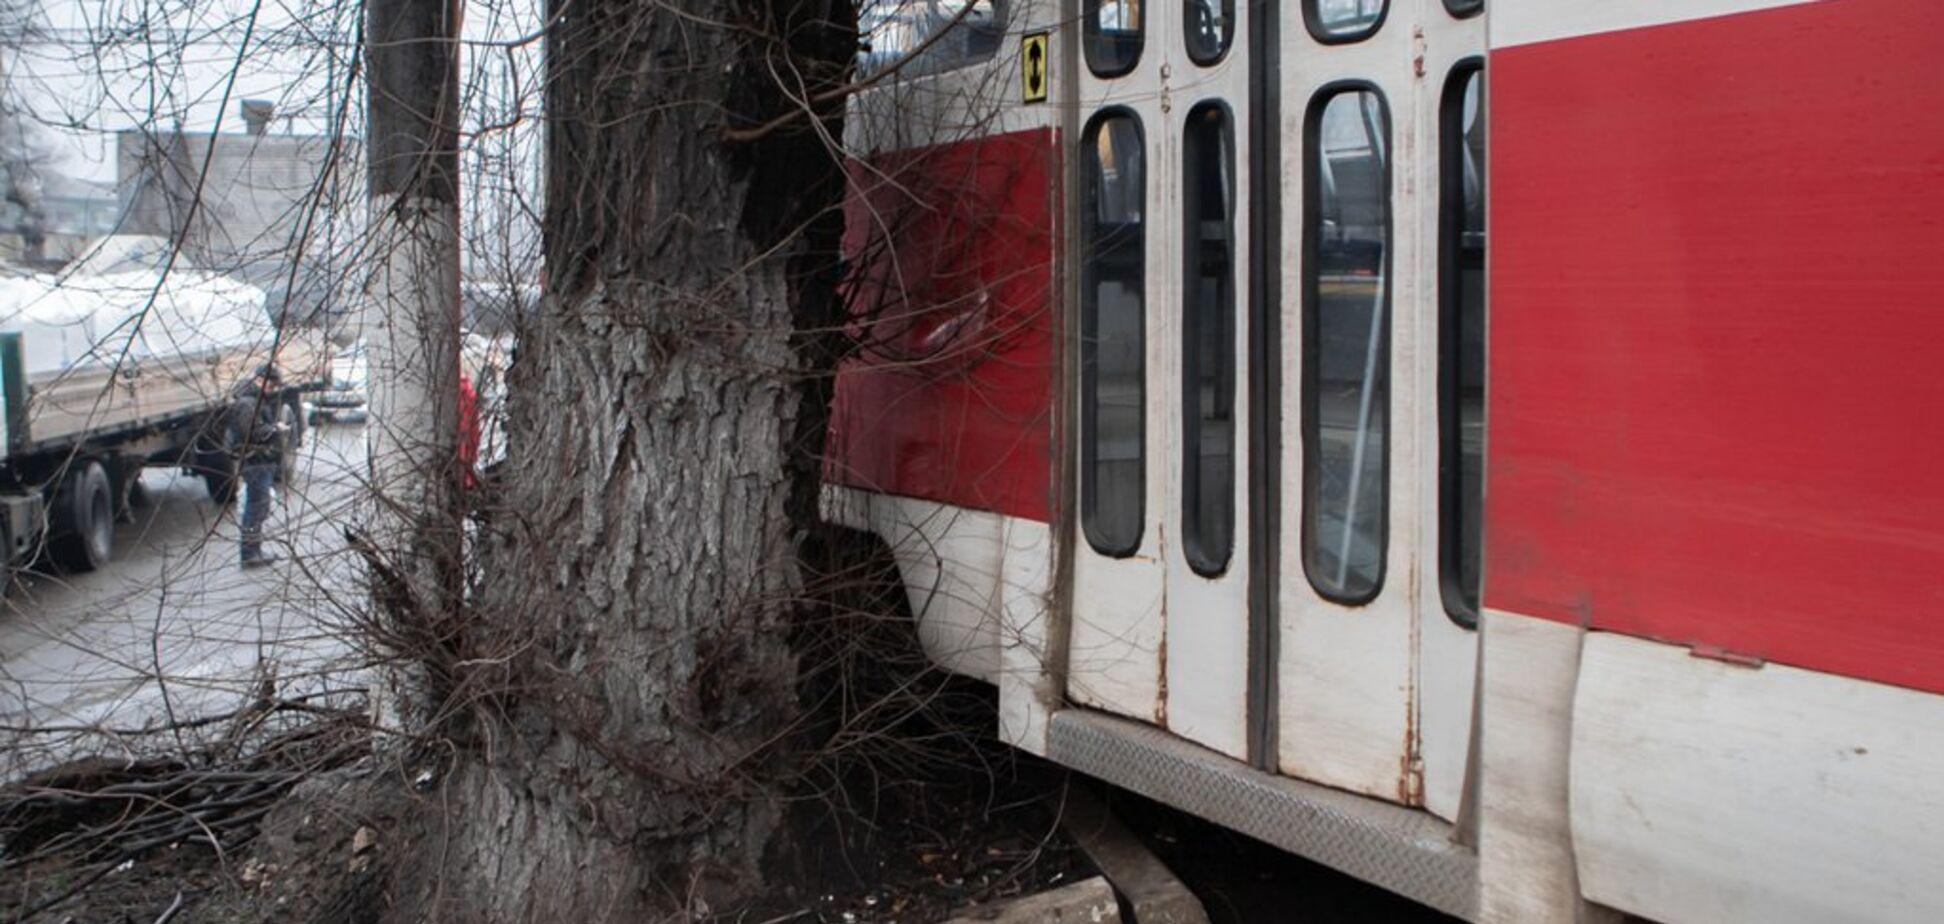 В Днепре трамвай слетел с рельсов и врезался в дерево: фото и видео жуткого ДТП